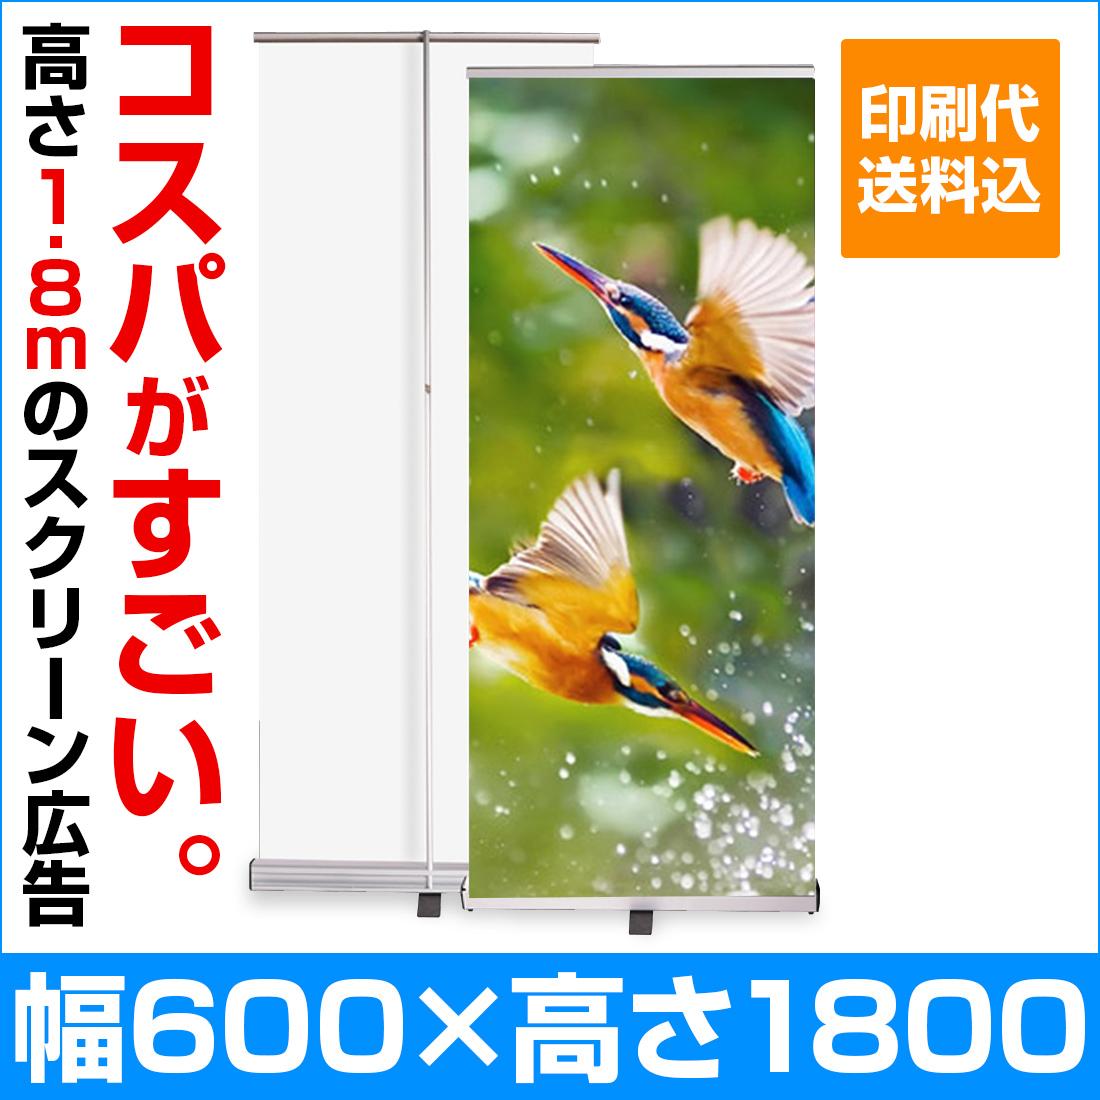 【印刷・送料込み】ロールアップバナースタンド W600 幅60cm×高さ180cm